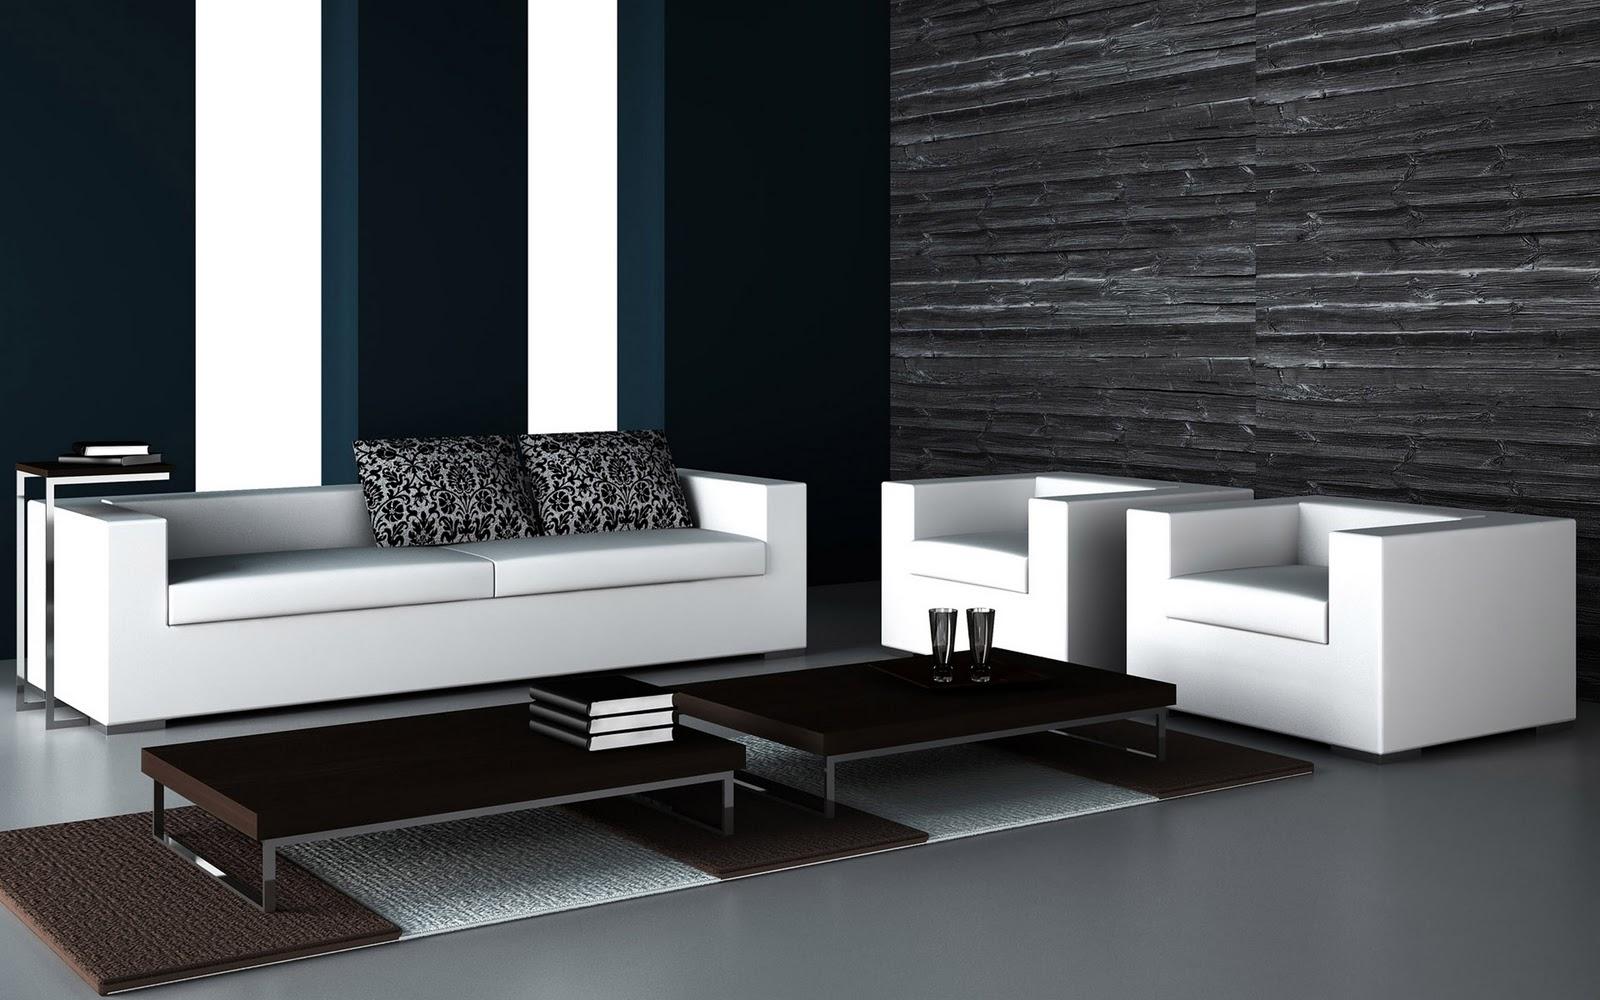 Diseño de salas minimalistas en blanco y negro   Ideas para decorar, diseñar y mejorar tu casa.